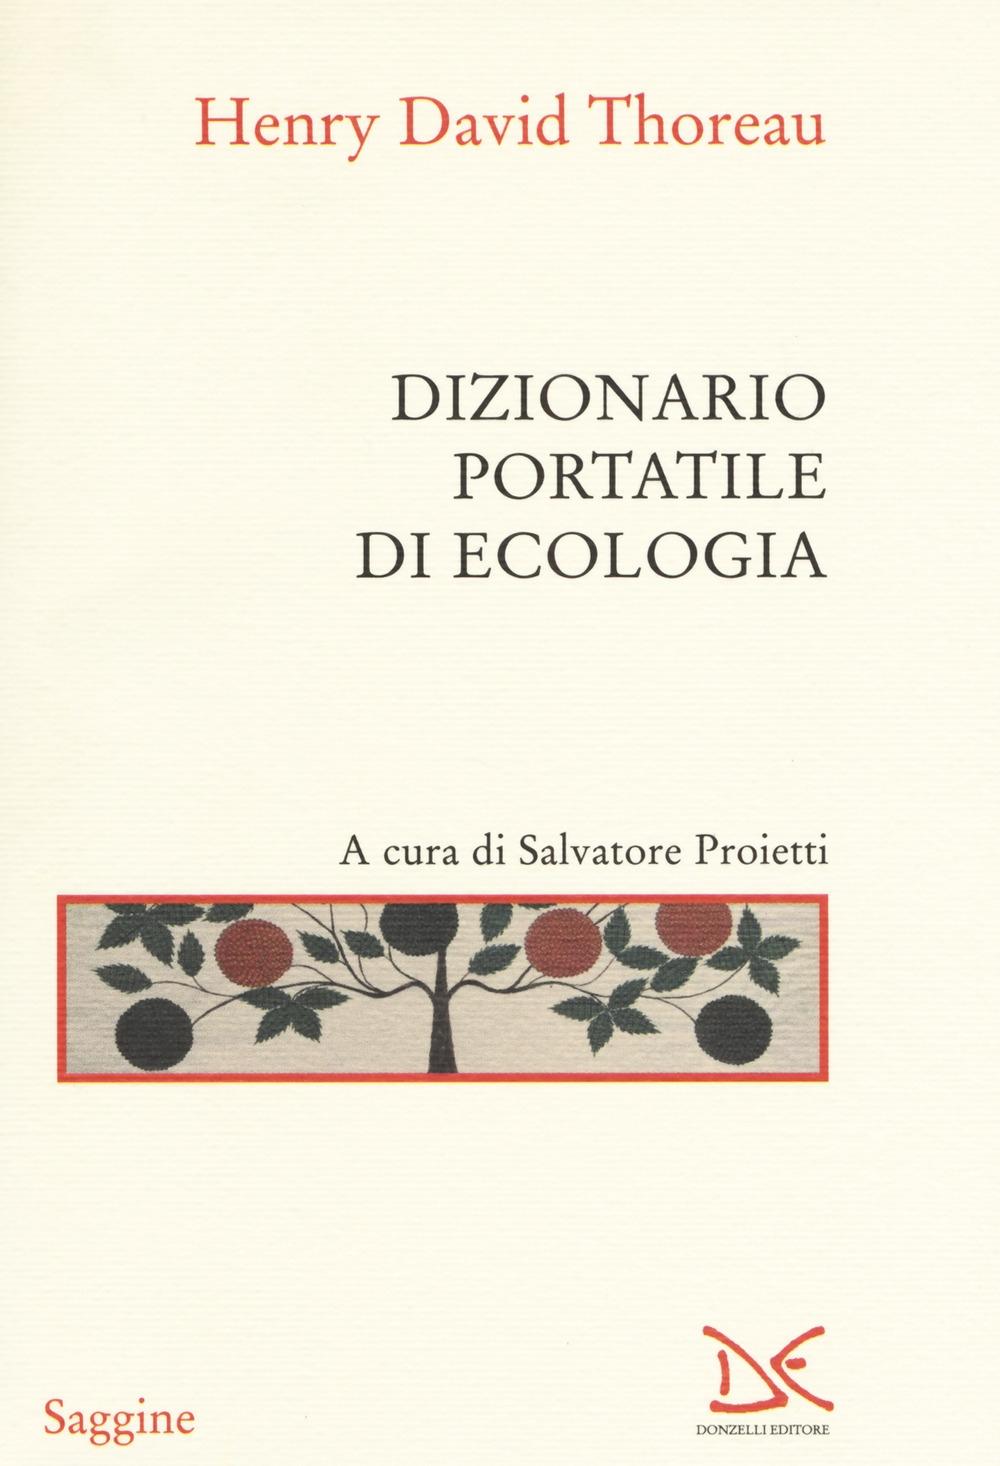 Dizionario portatile di ecologia